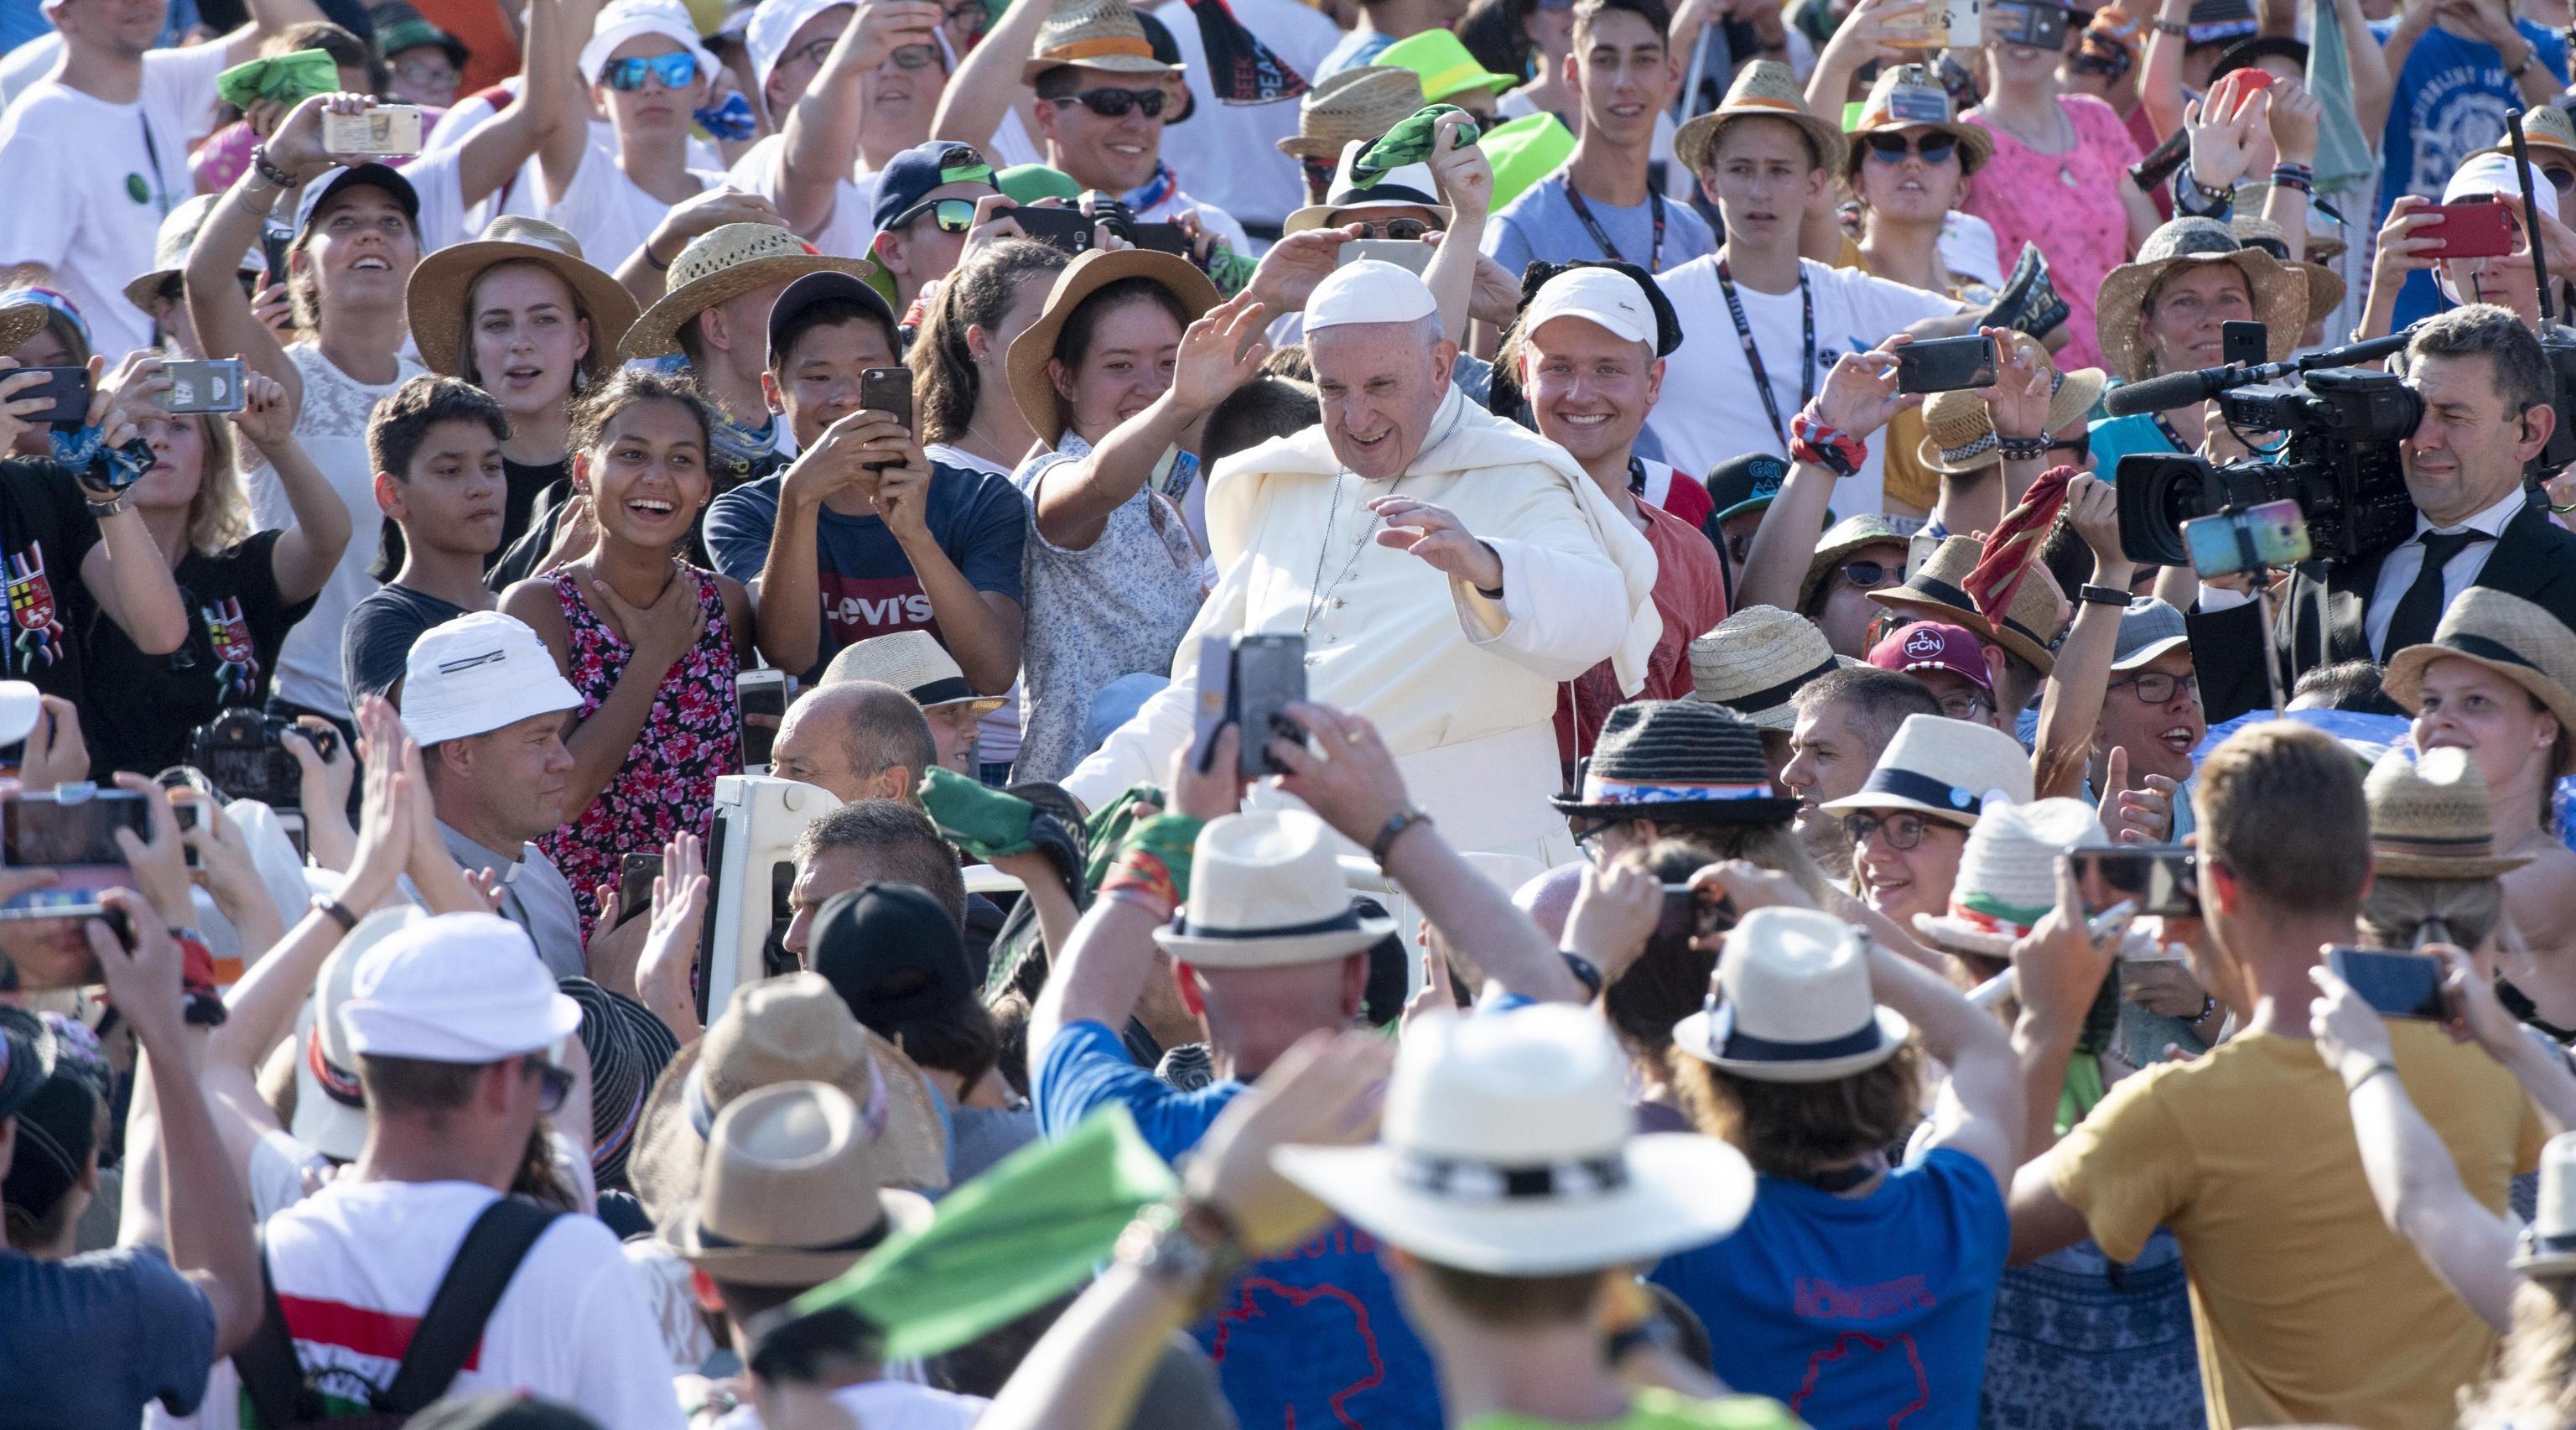 O Papa Francisco saúda os participantes na Peregrinação Internacional dos Acólitos, na Praça de S. Pedro do Vaticano, 31 Julho 2018. EPA/CLAUDIO PERI